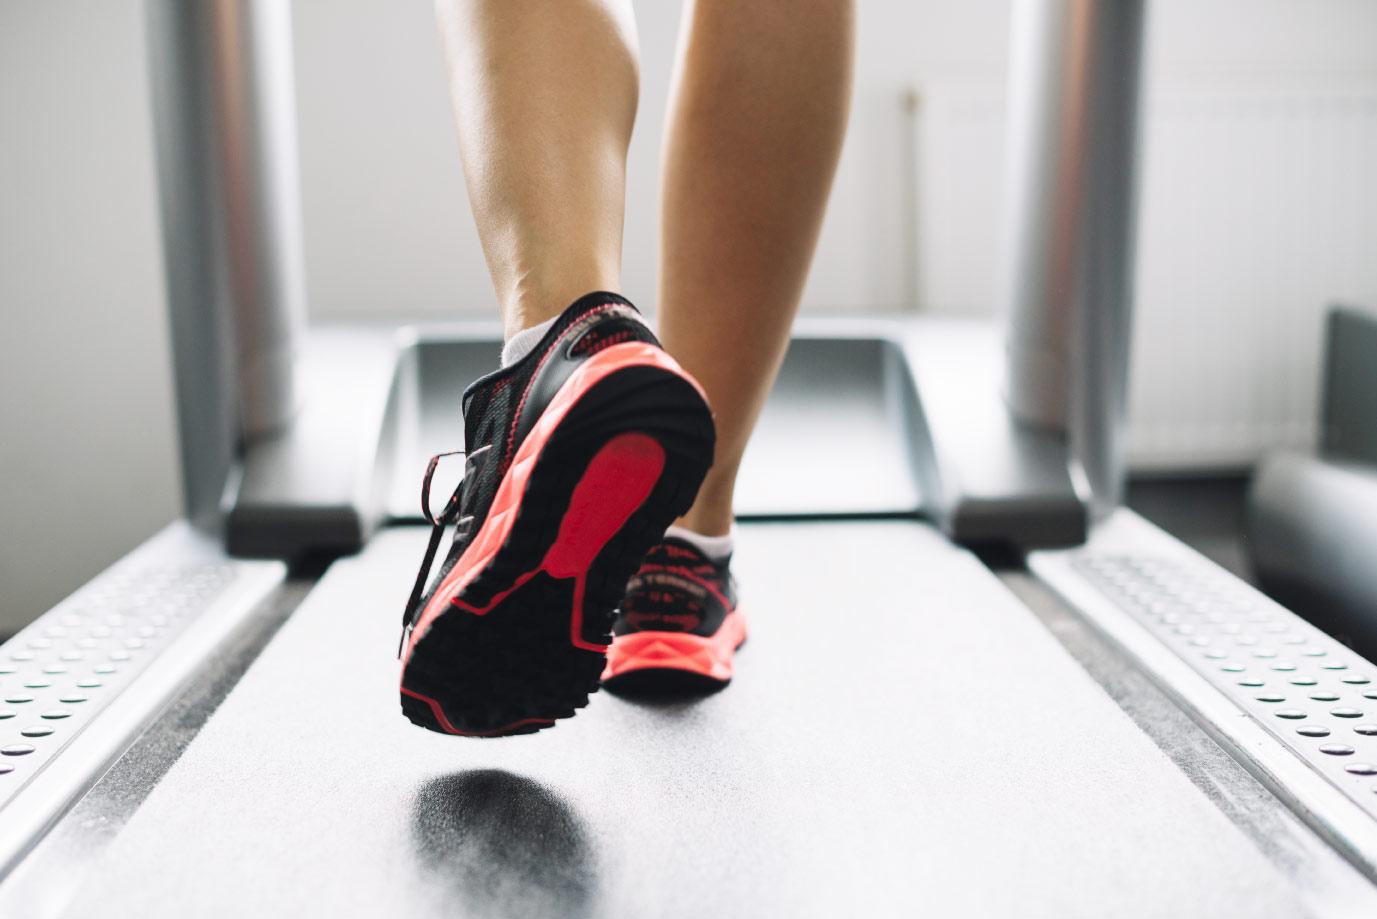 scarpe running per tapis roulant